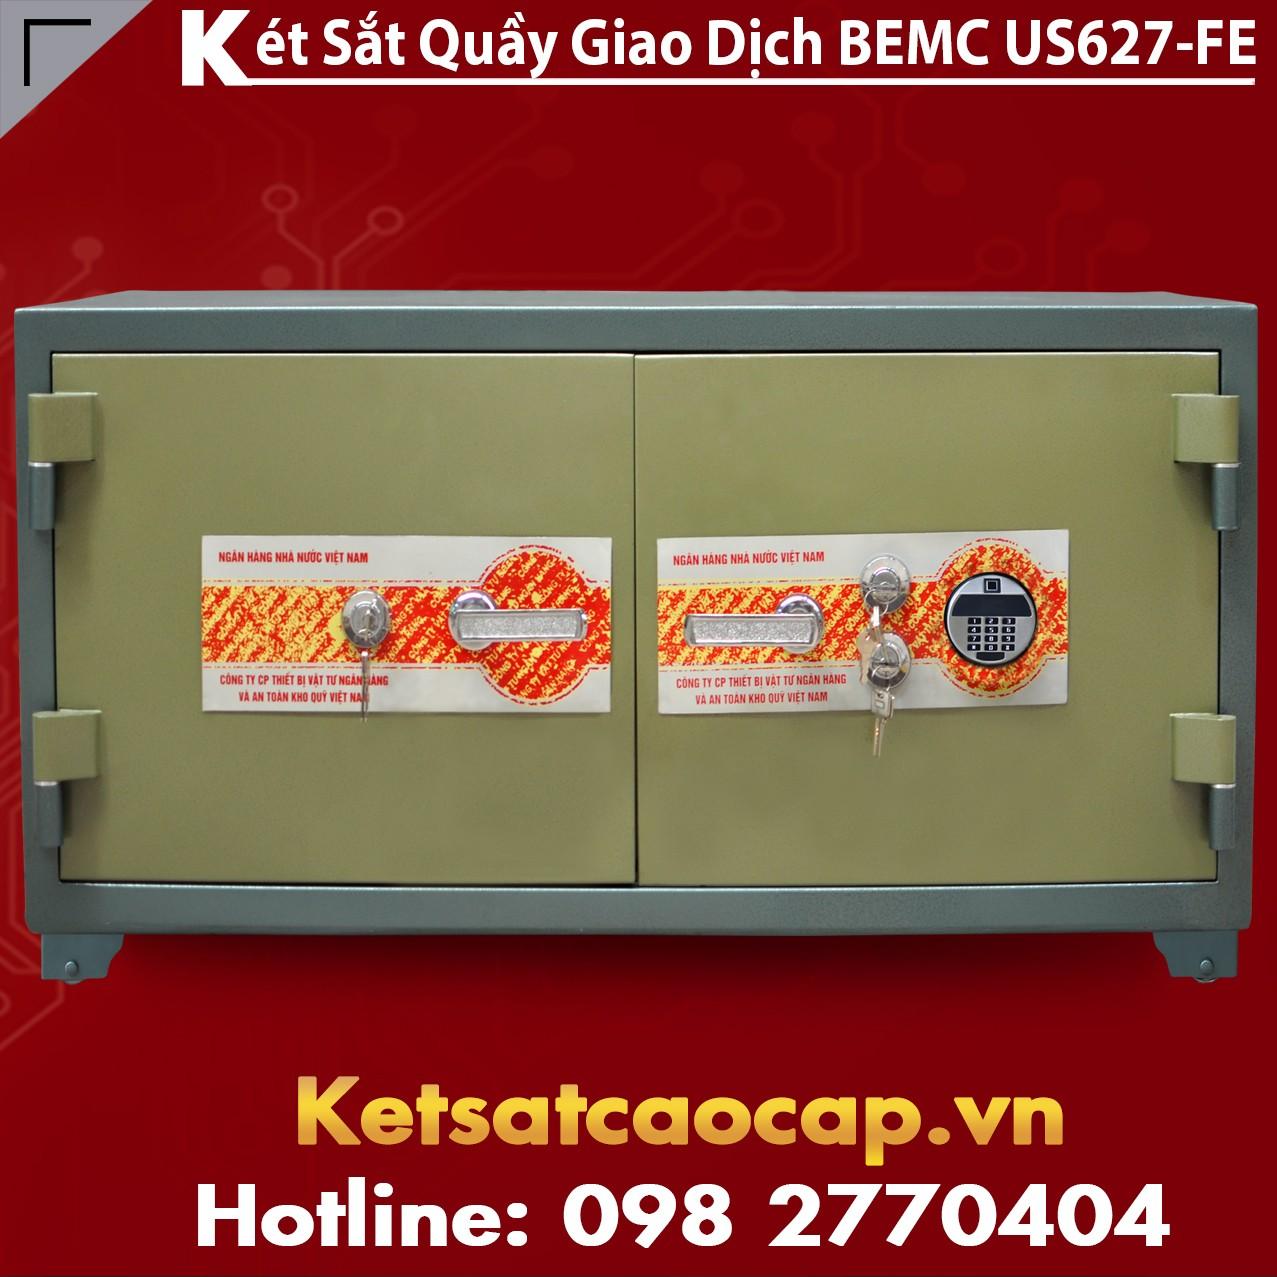 Két Sắt Vân Tay Điện Tử Hàn Quốc BEMC US627 FE Chống Cháy Chính Hãng